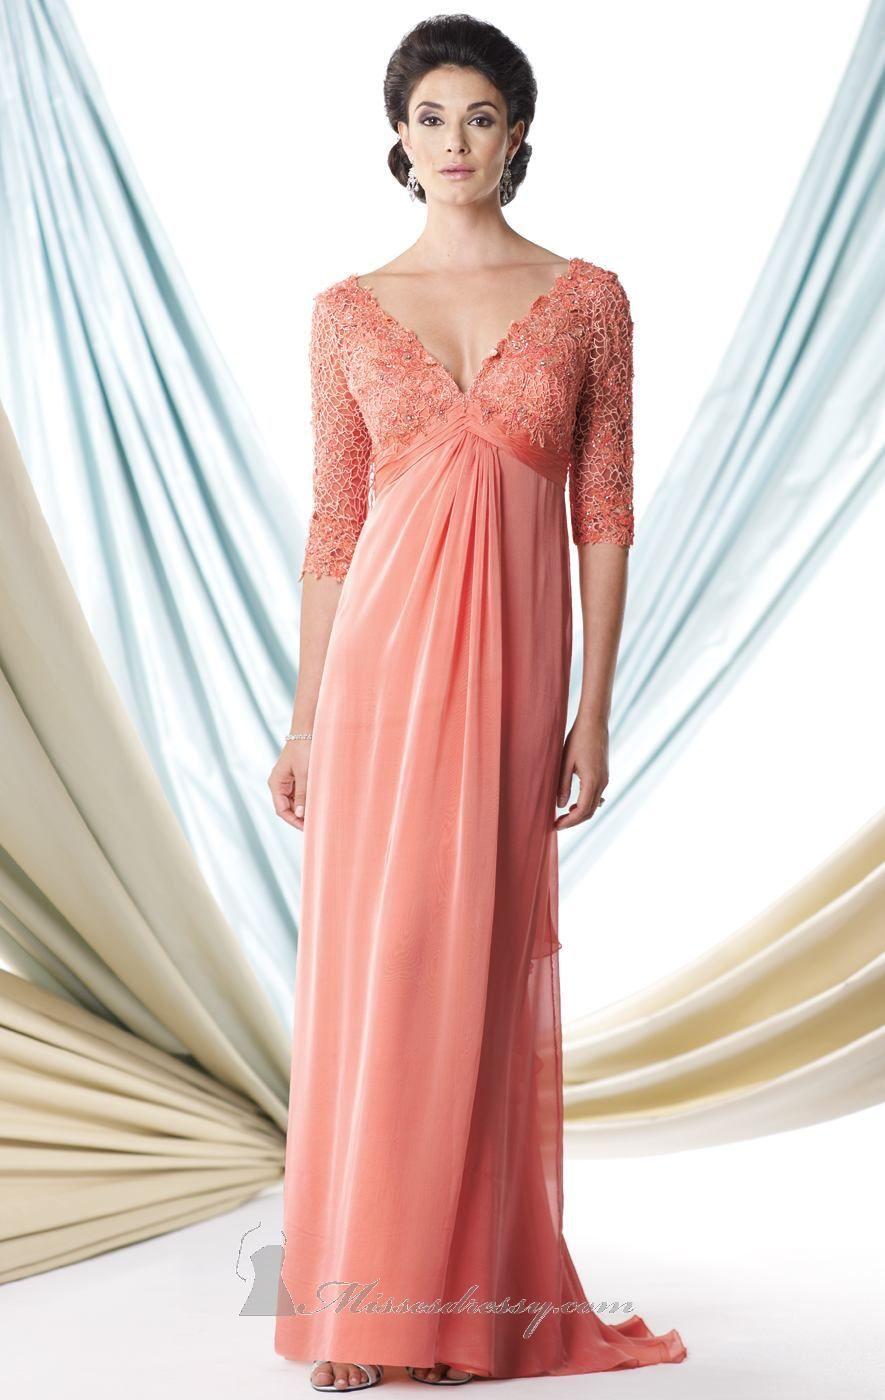 V-Neck Formal Gown by Mon Cheri Montage | Ponerse, Vestiditos y Cosas